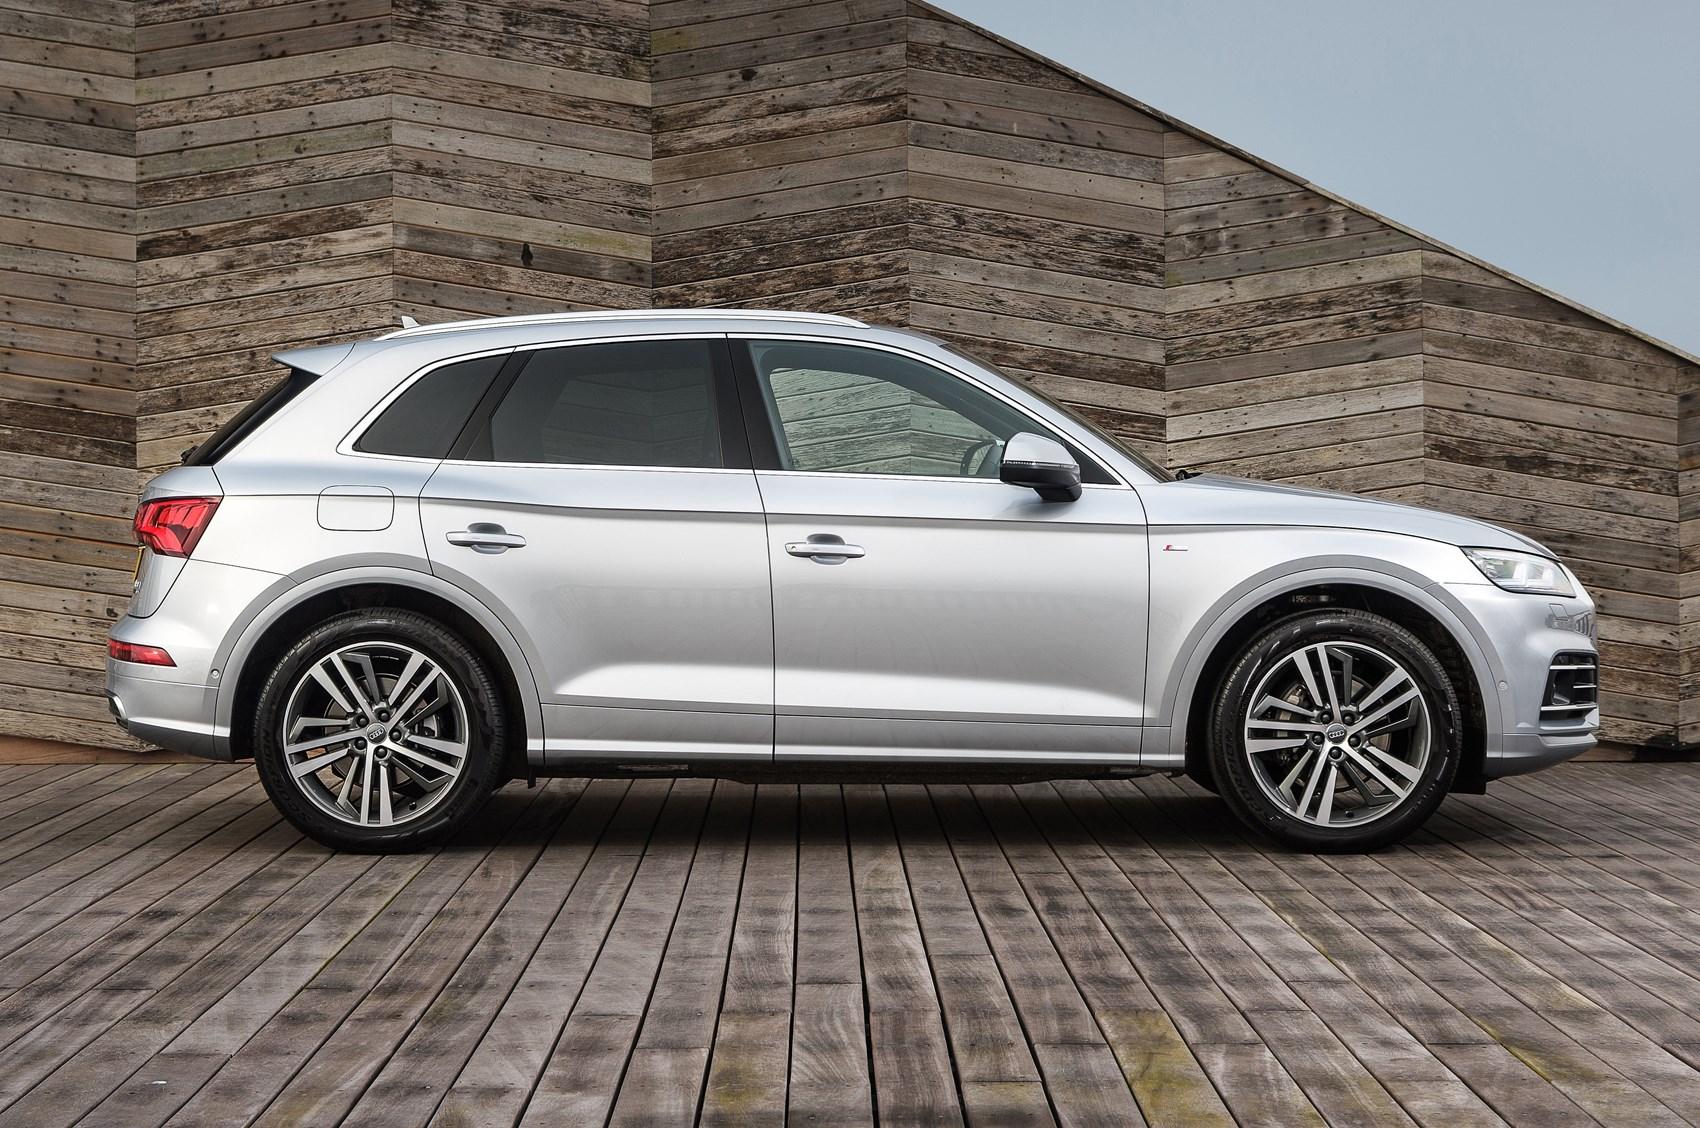 Audi 2017 Q5 Suv Static Exterior